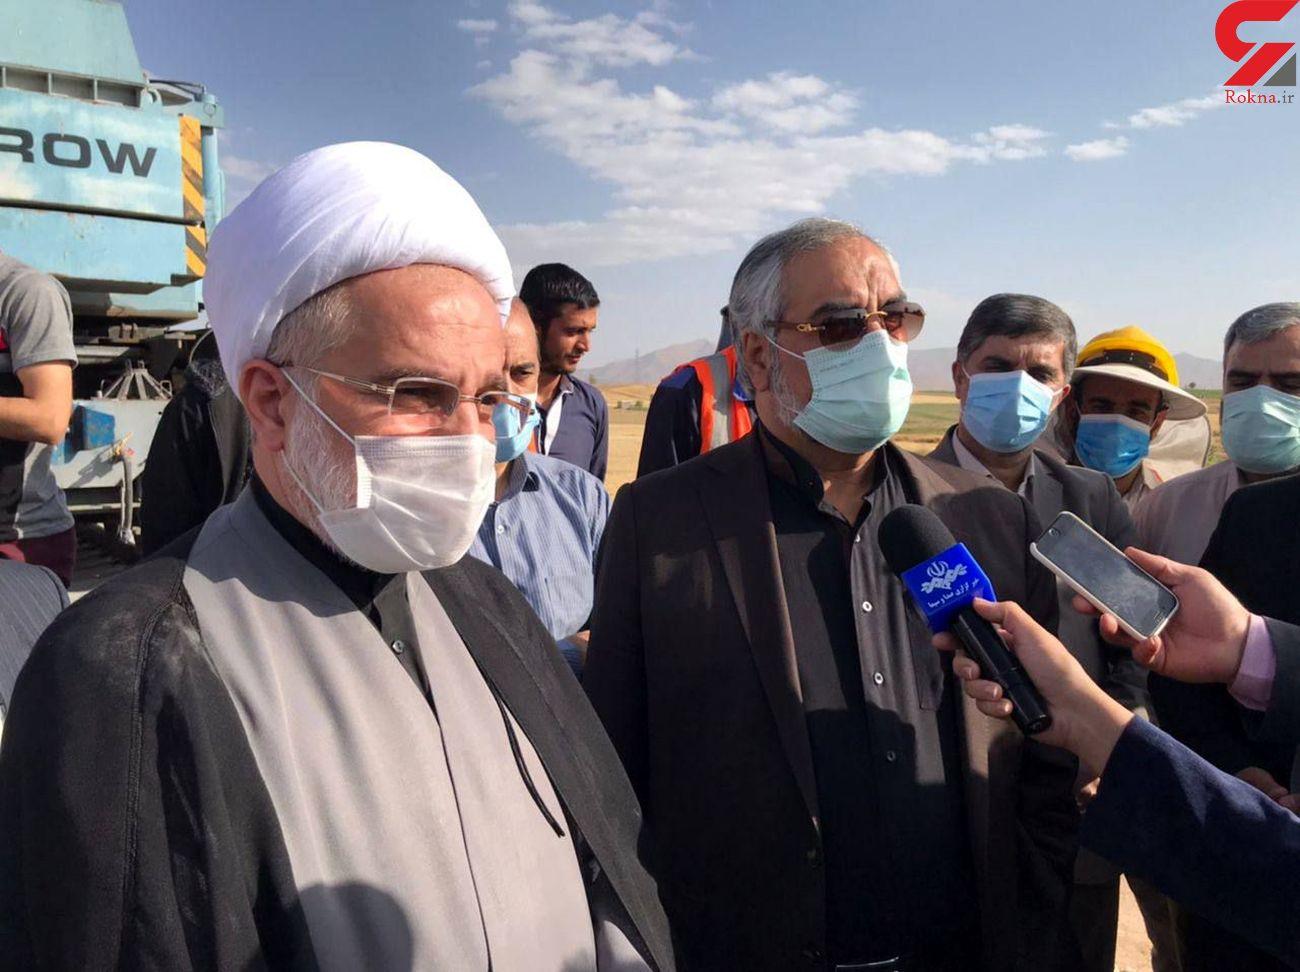 ۲ هزار میلیارد تومان برای راه آهن همدان – سنندج هزینه شد